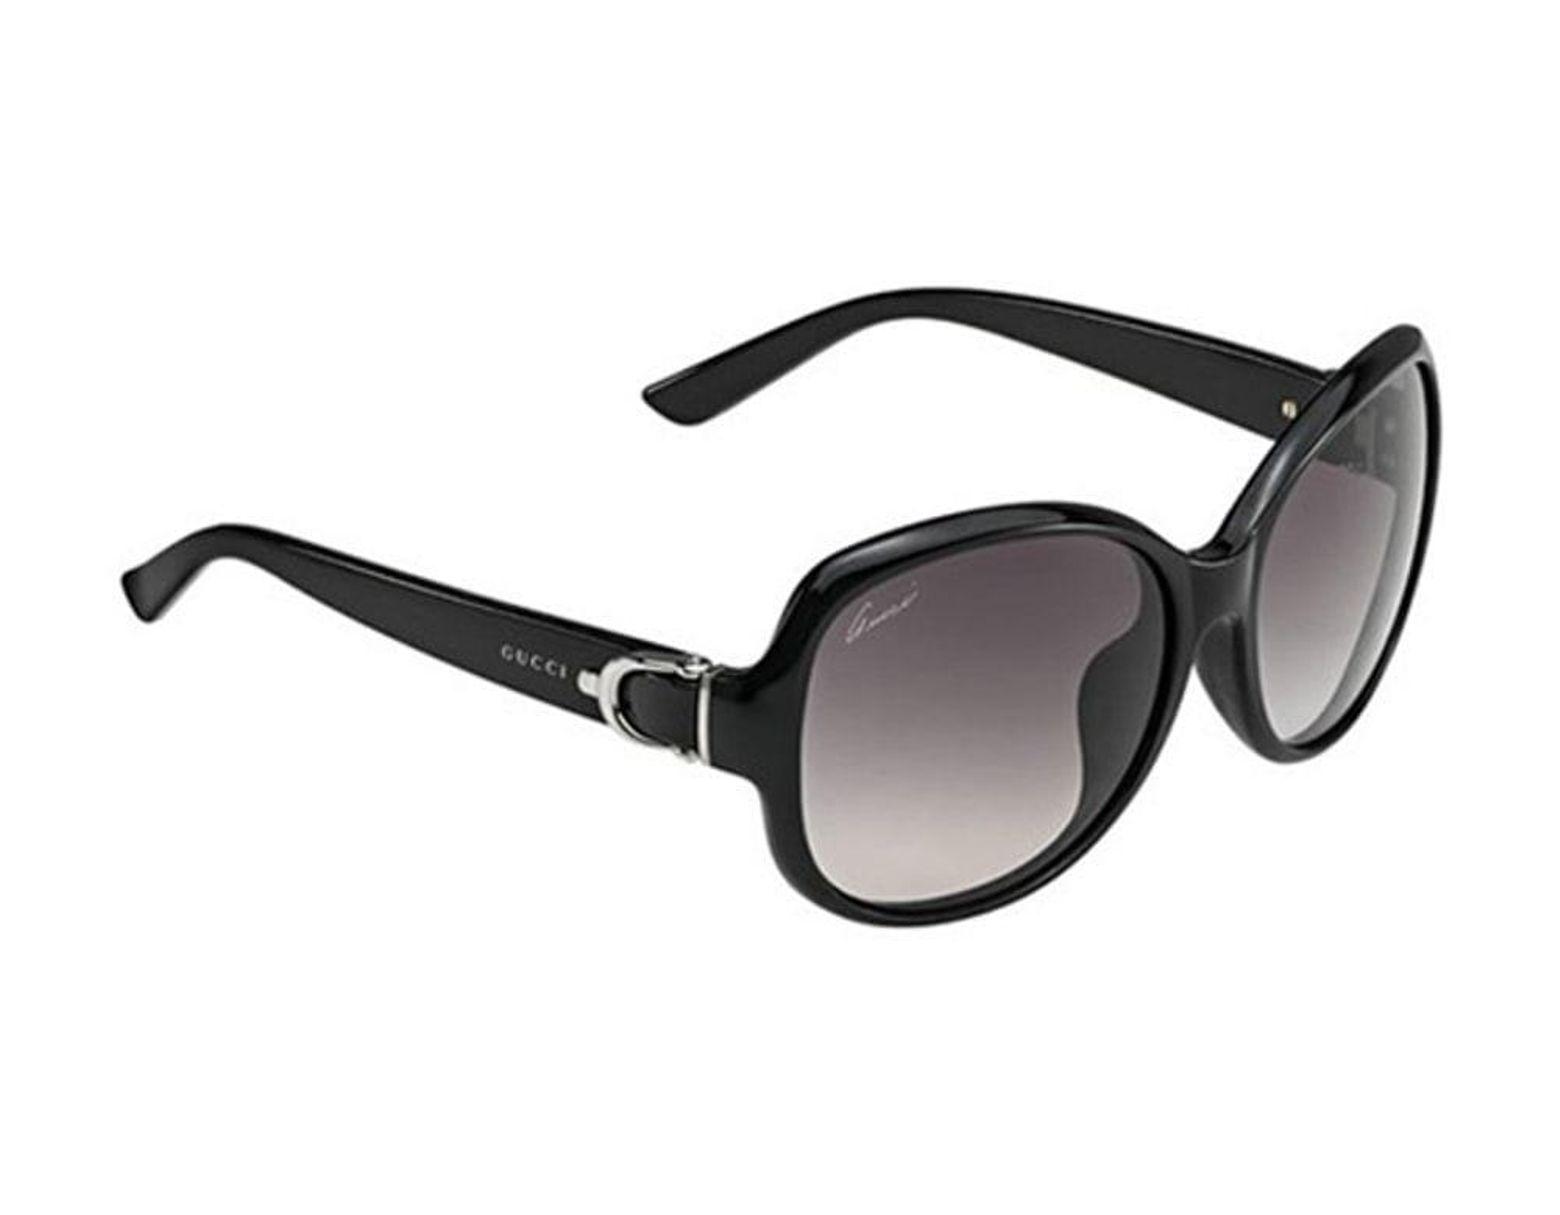 7fb9b17d1acc Gucci GG3688/F/S Asian Fit D28/eu Black in Black - Lyst